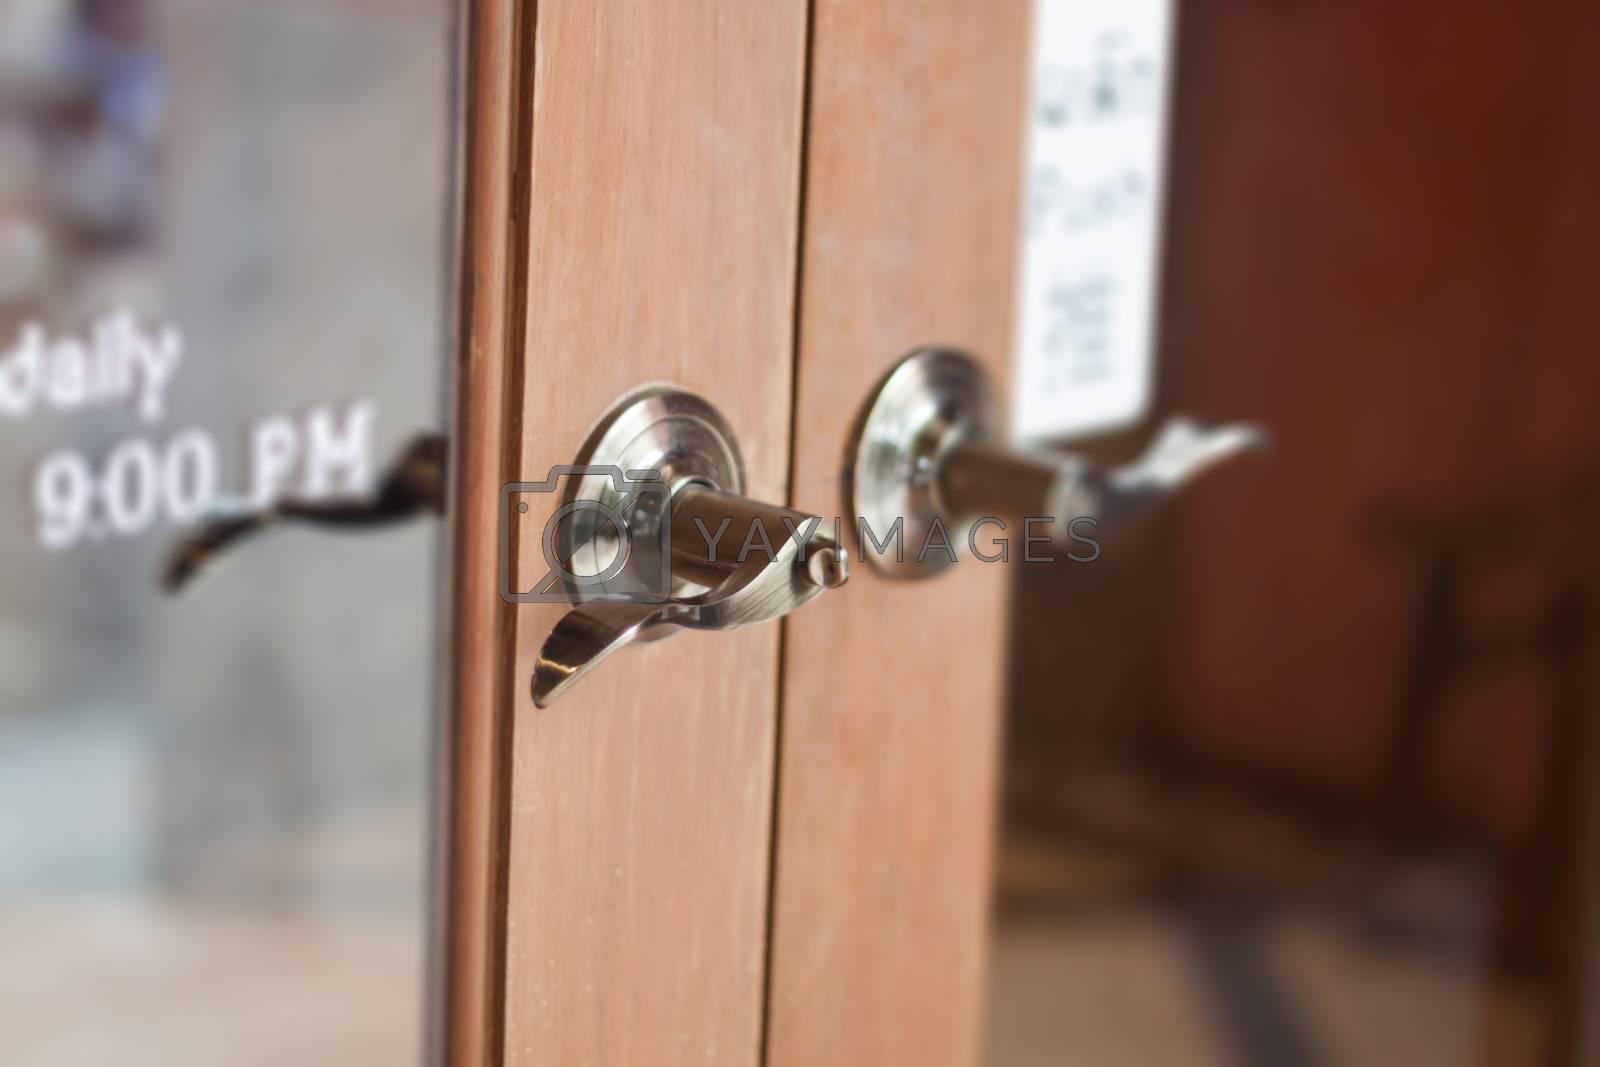 Metal door handles on wardrobe doors, stock photo